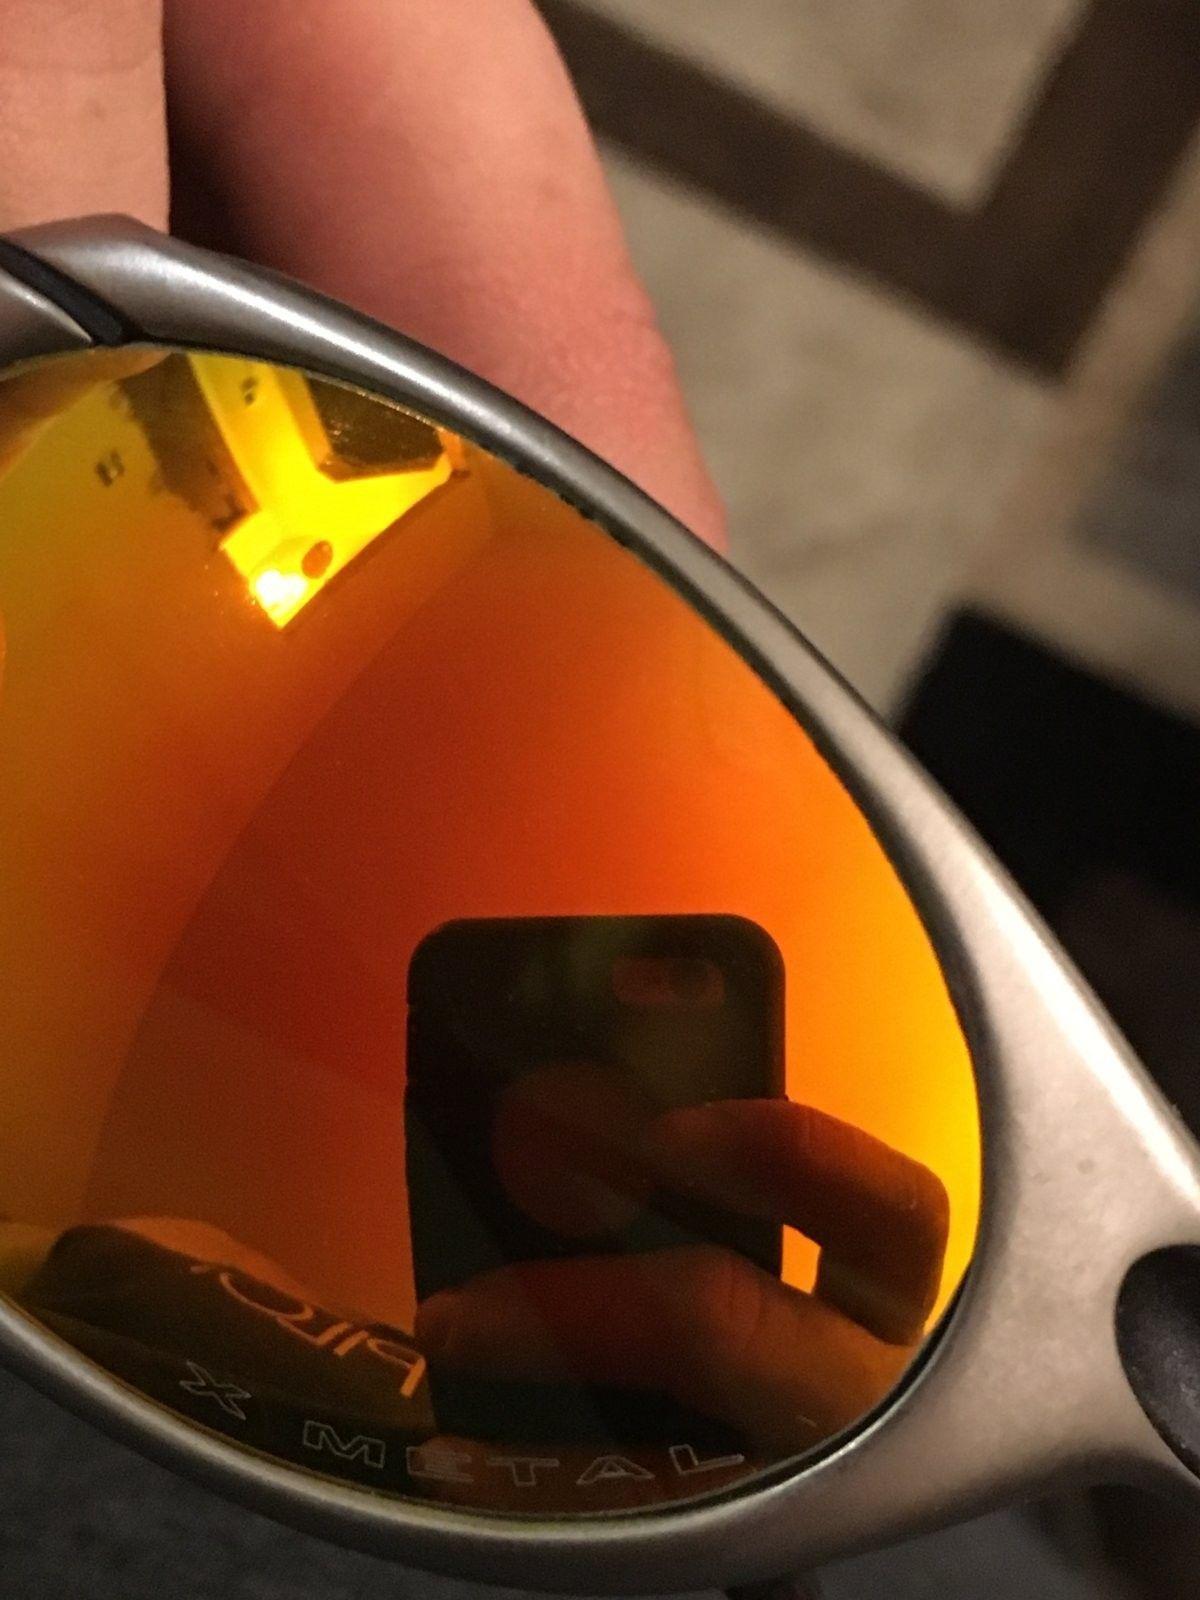 Authentic R1 Fire lens? - image.jpeg